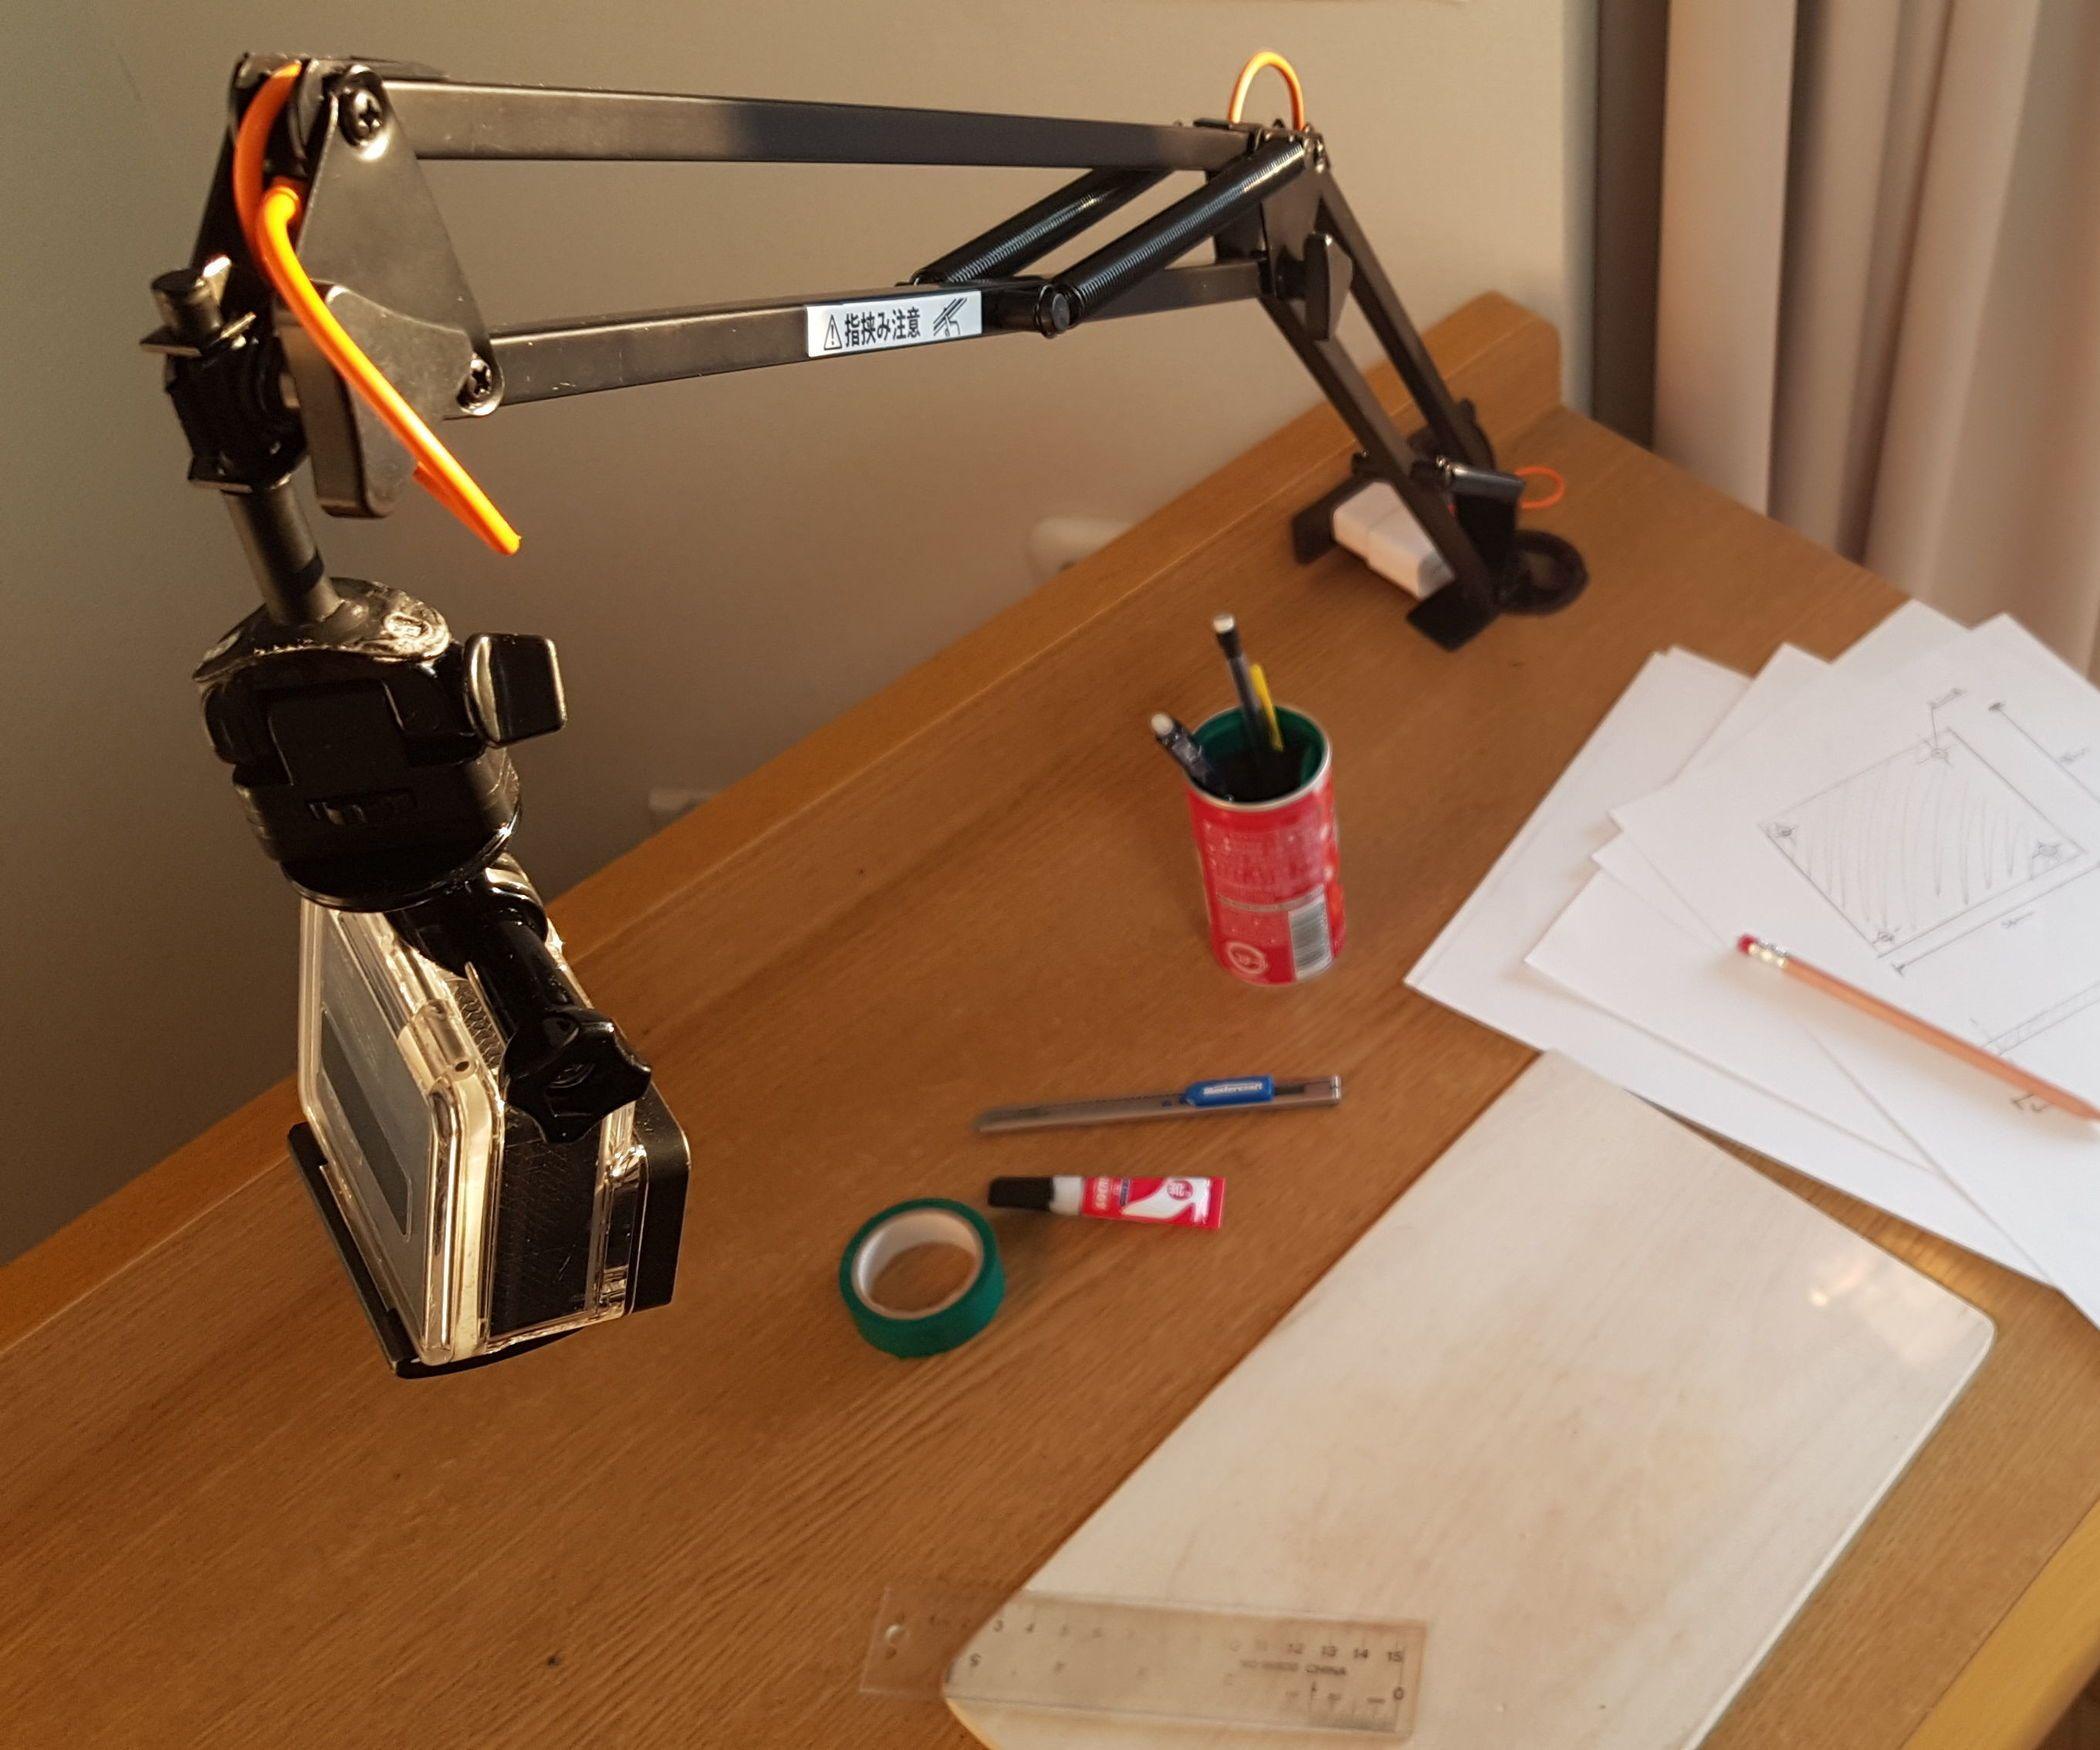 Diy Articulating Arm Mount For Phone Or Camera Diy Diy Cnc Diy Phone